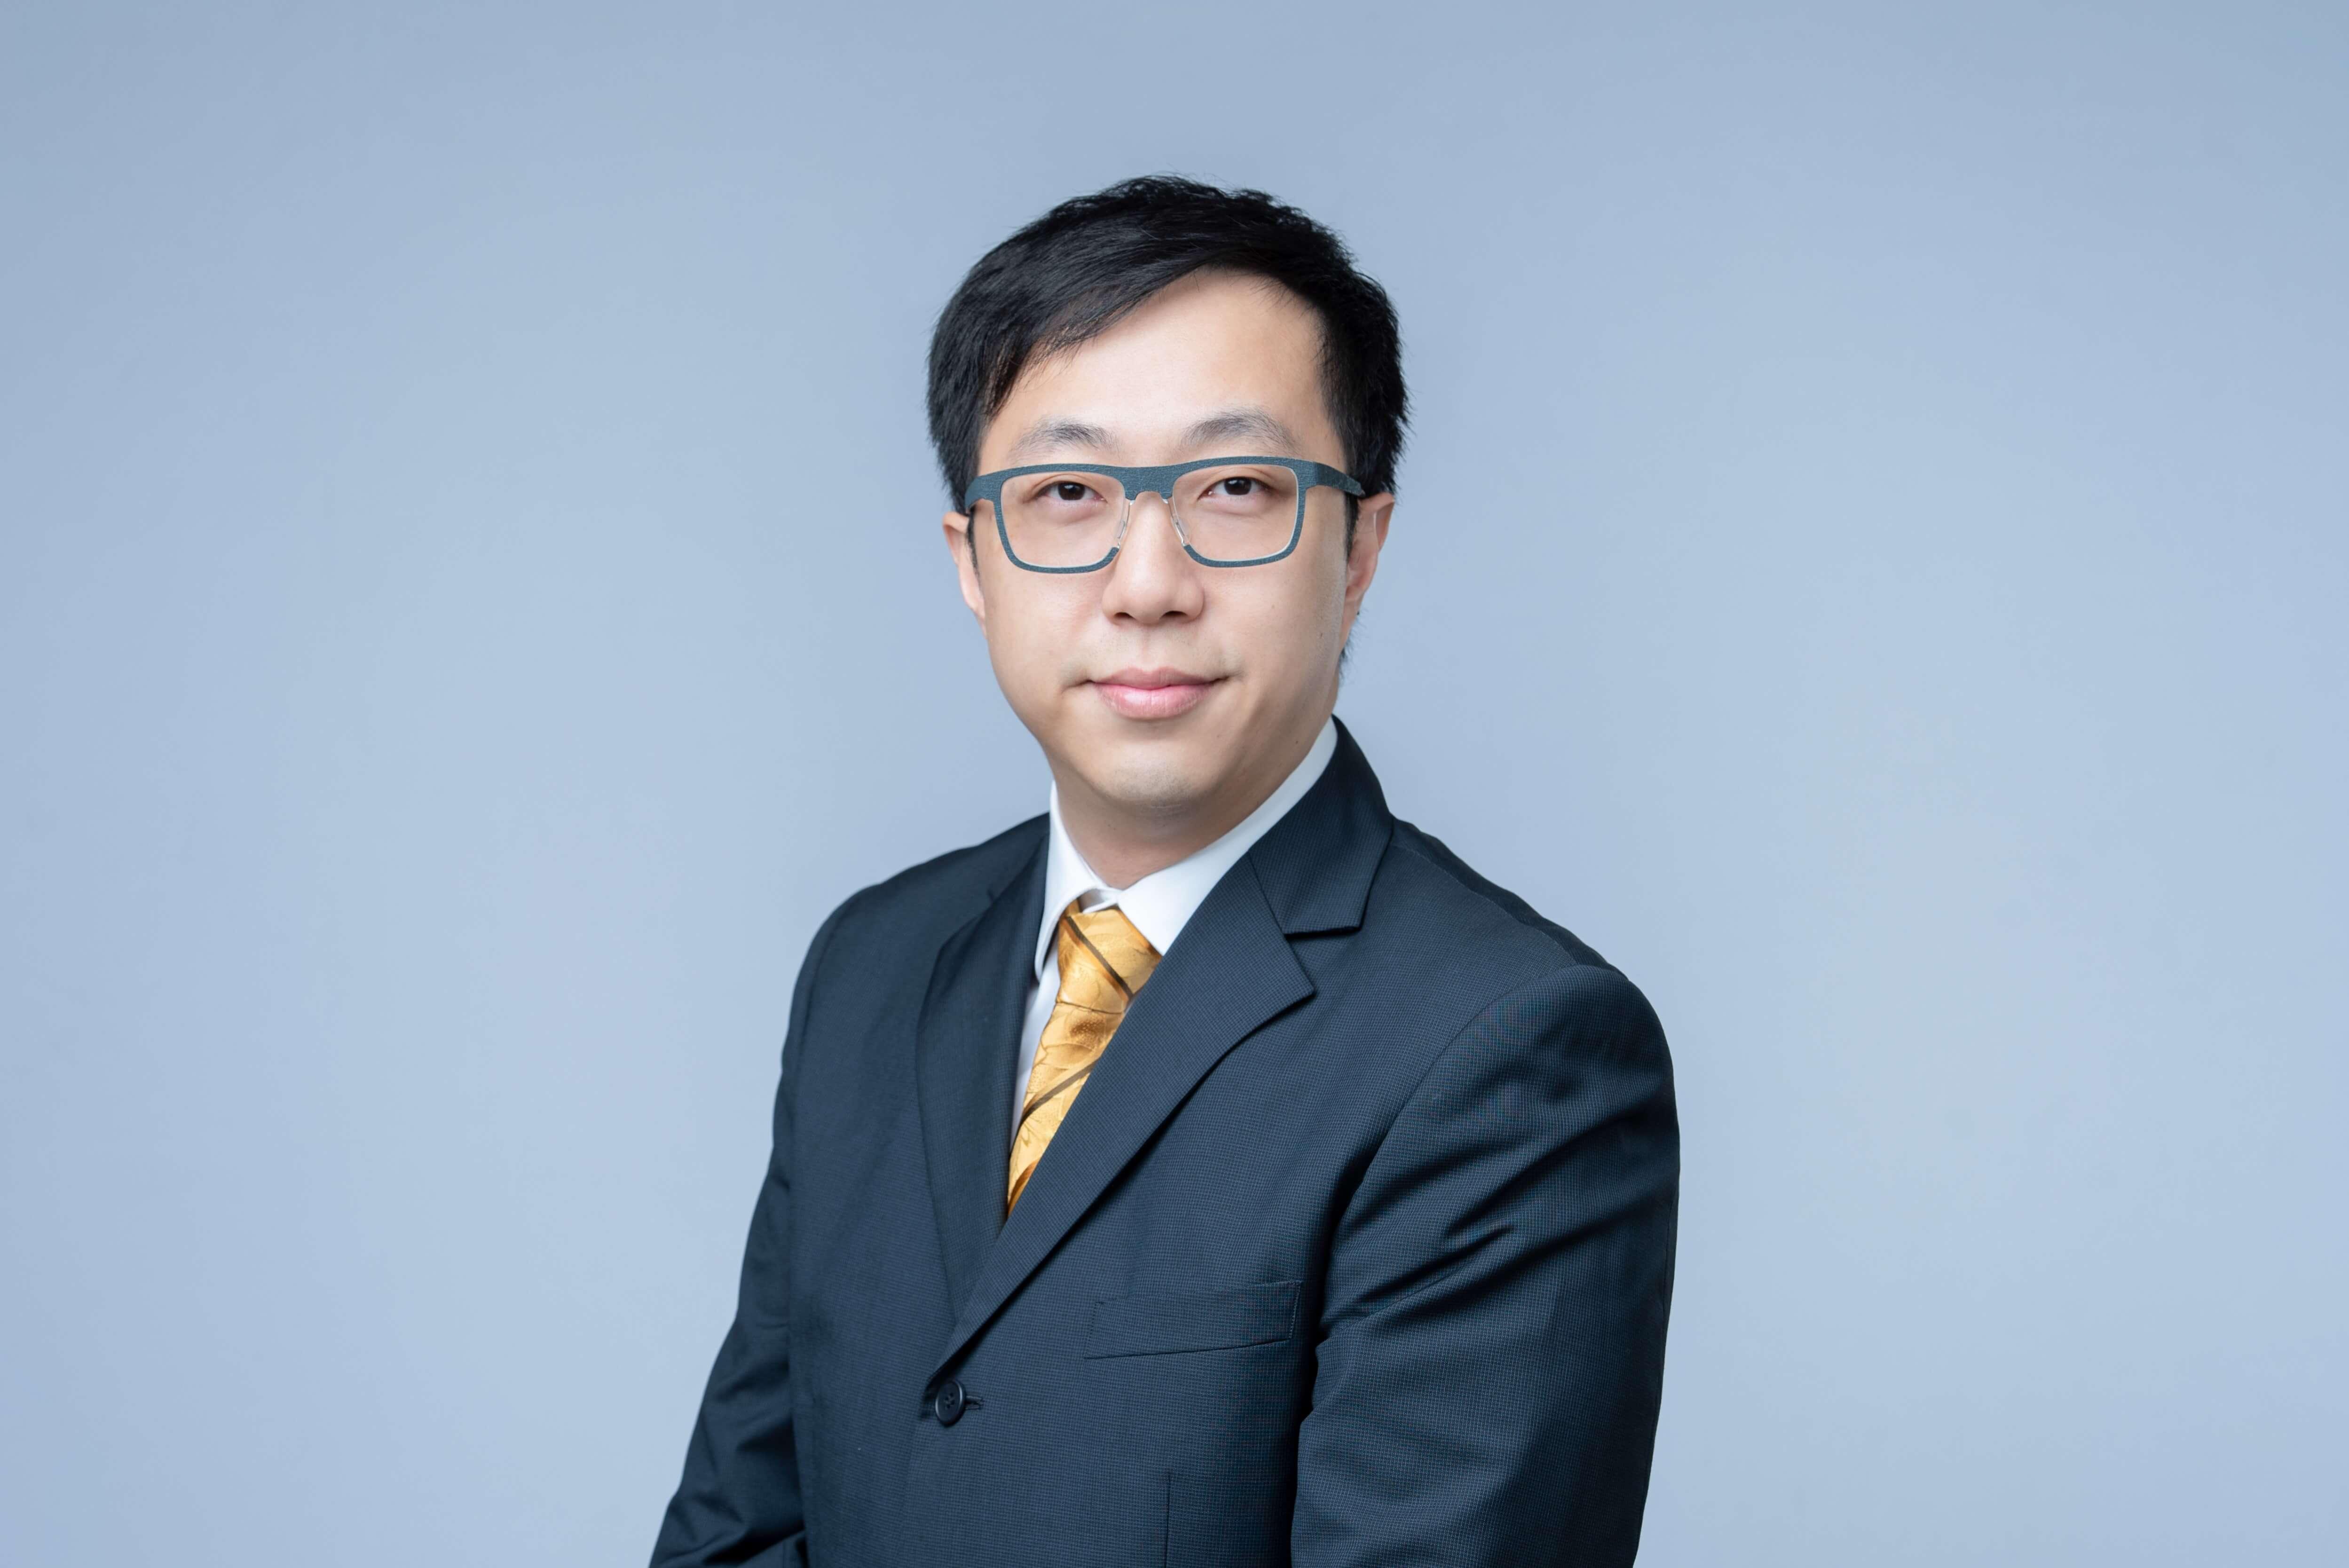 LEE Chun Hui, David profile image